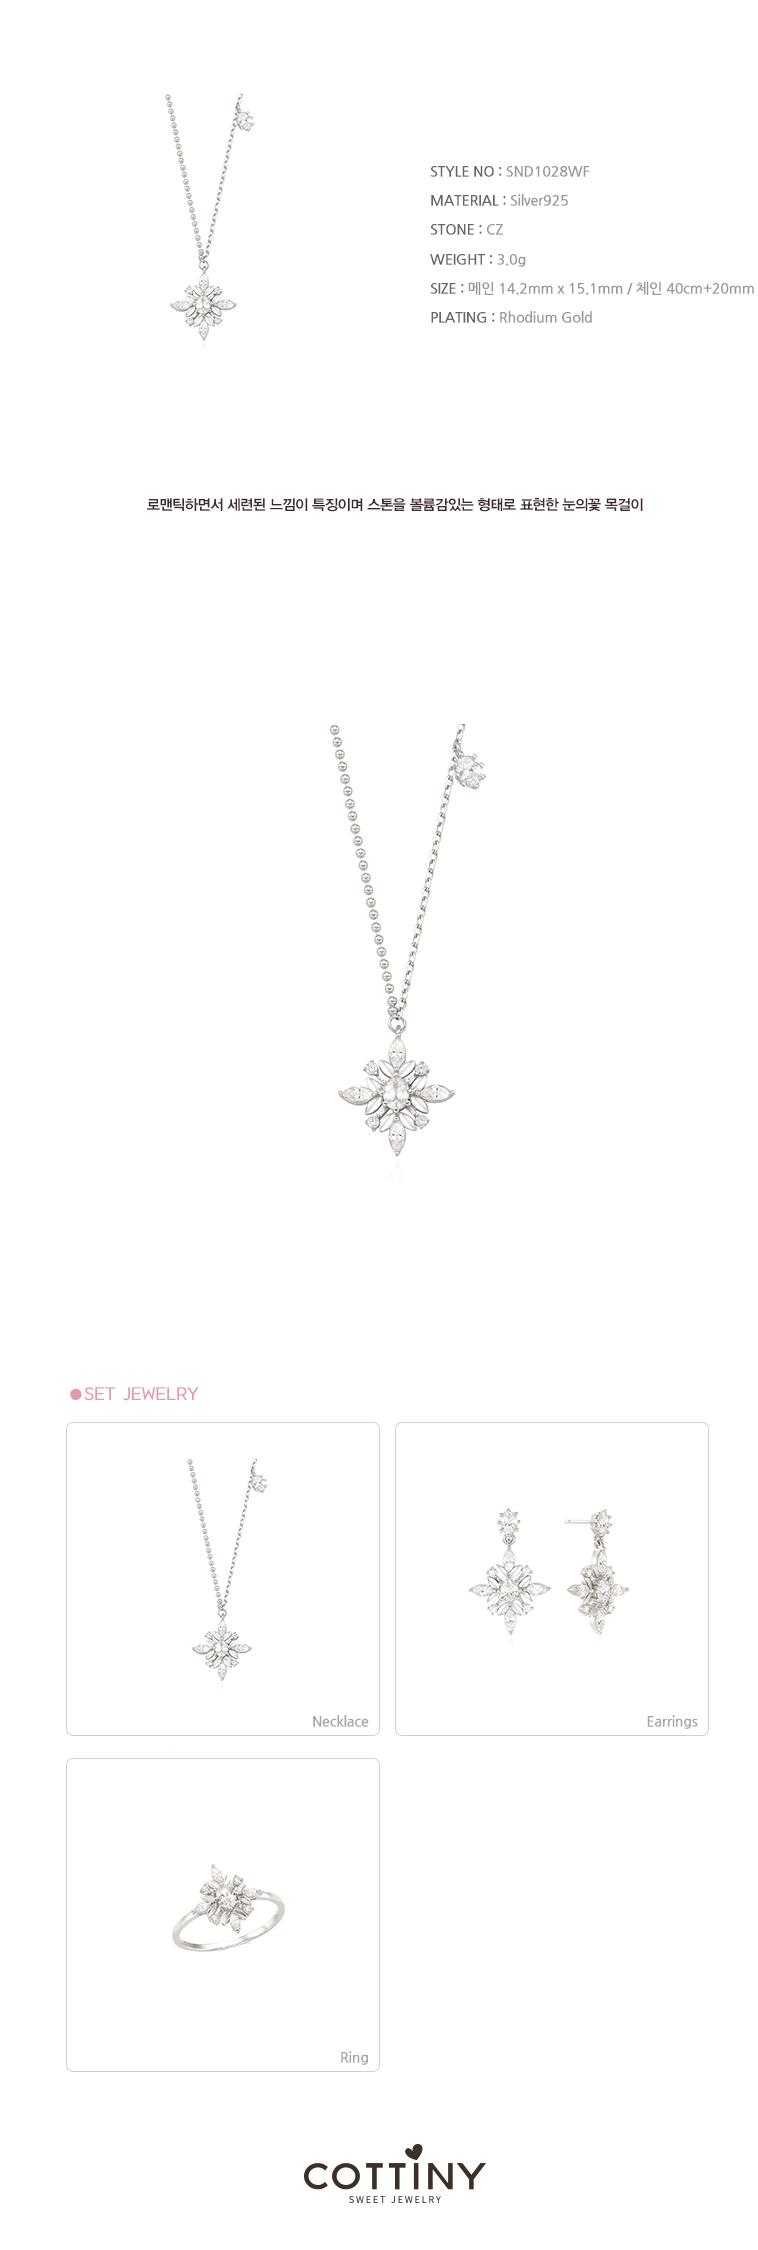 눈의꽃N_SND1028WF - 코티니, 32,000원, 실버, 펜던트목걸이